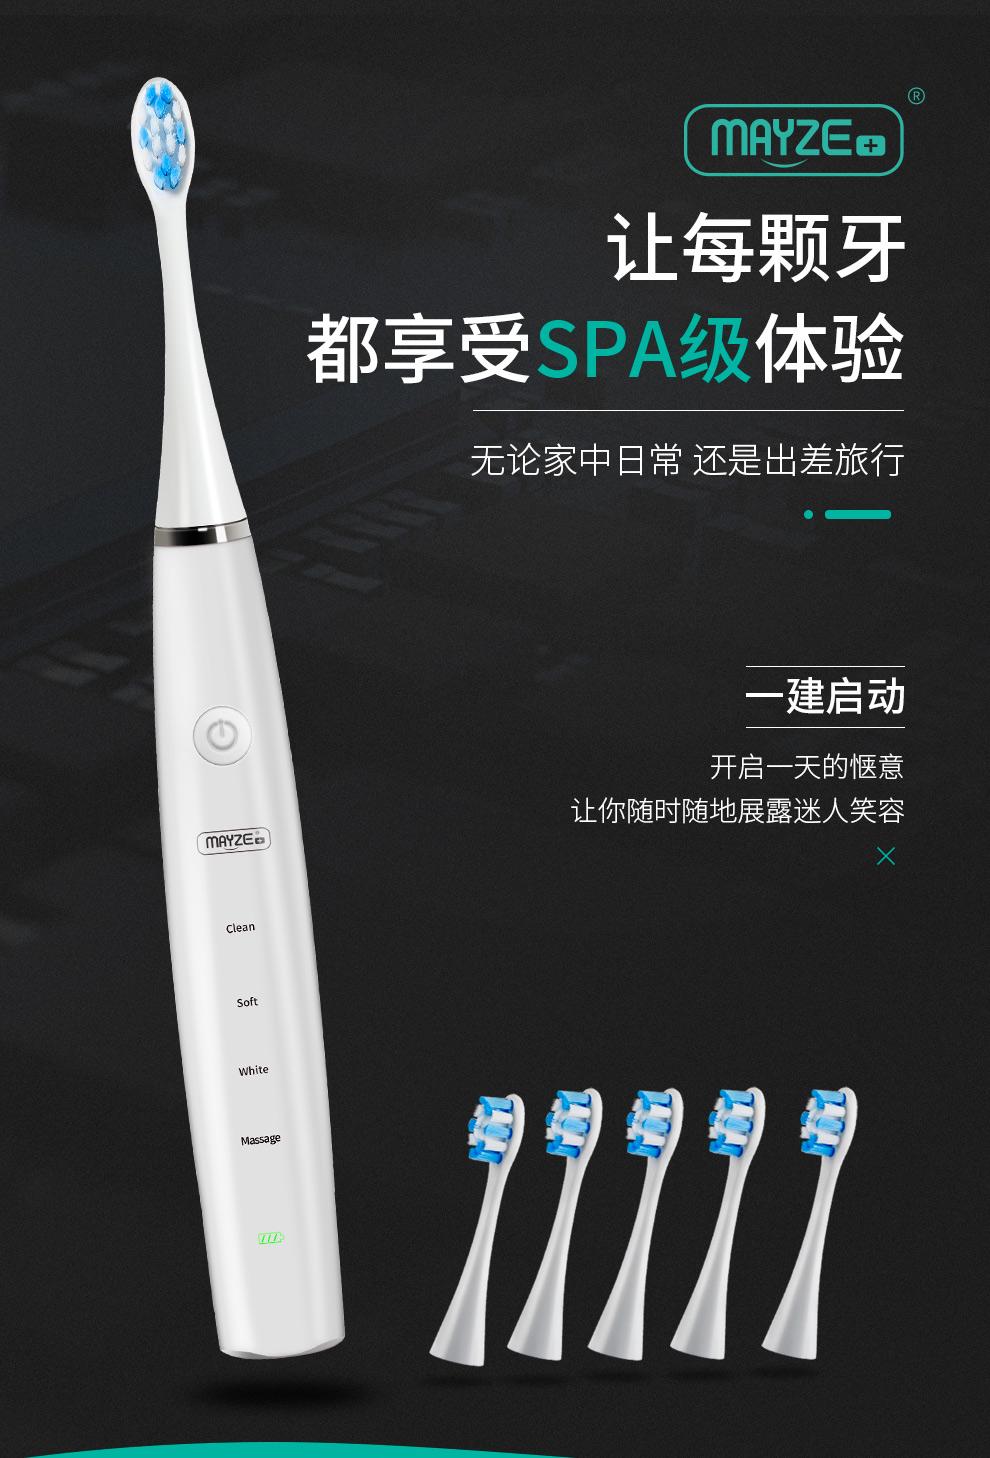 麦喆MAYZE EB001智能声波电动牙刷套装含6个刷头(图1)